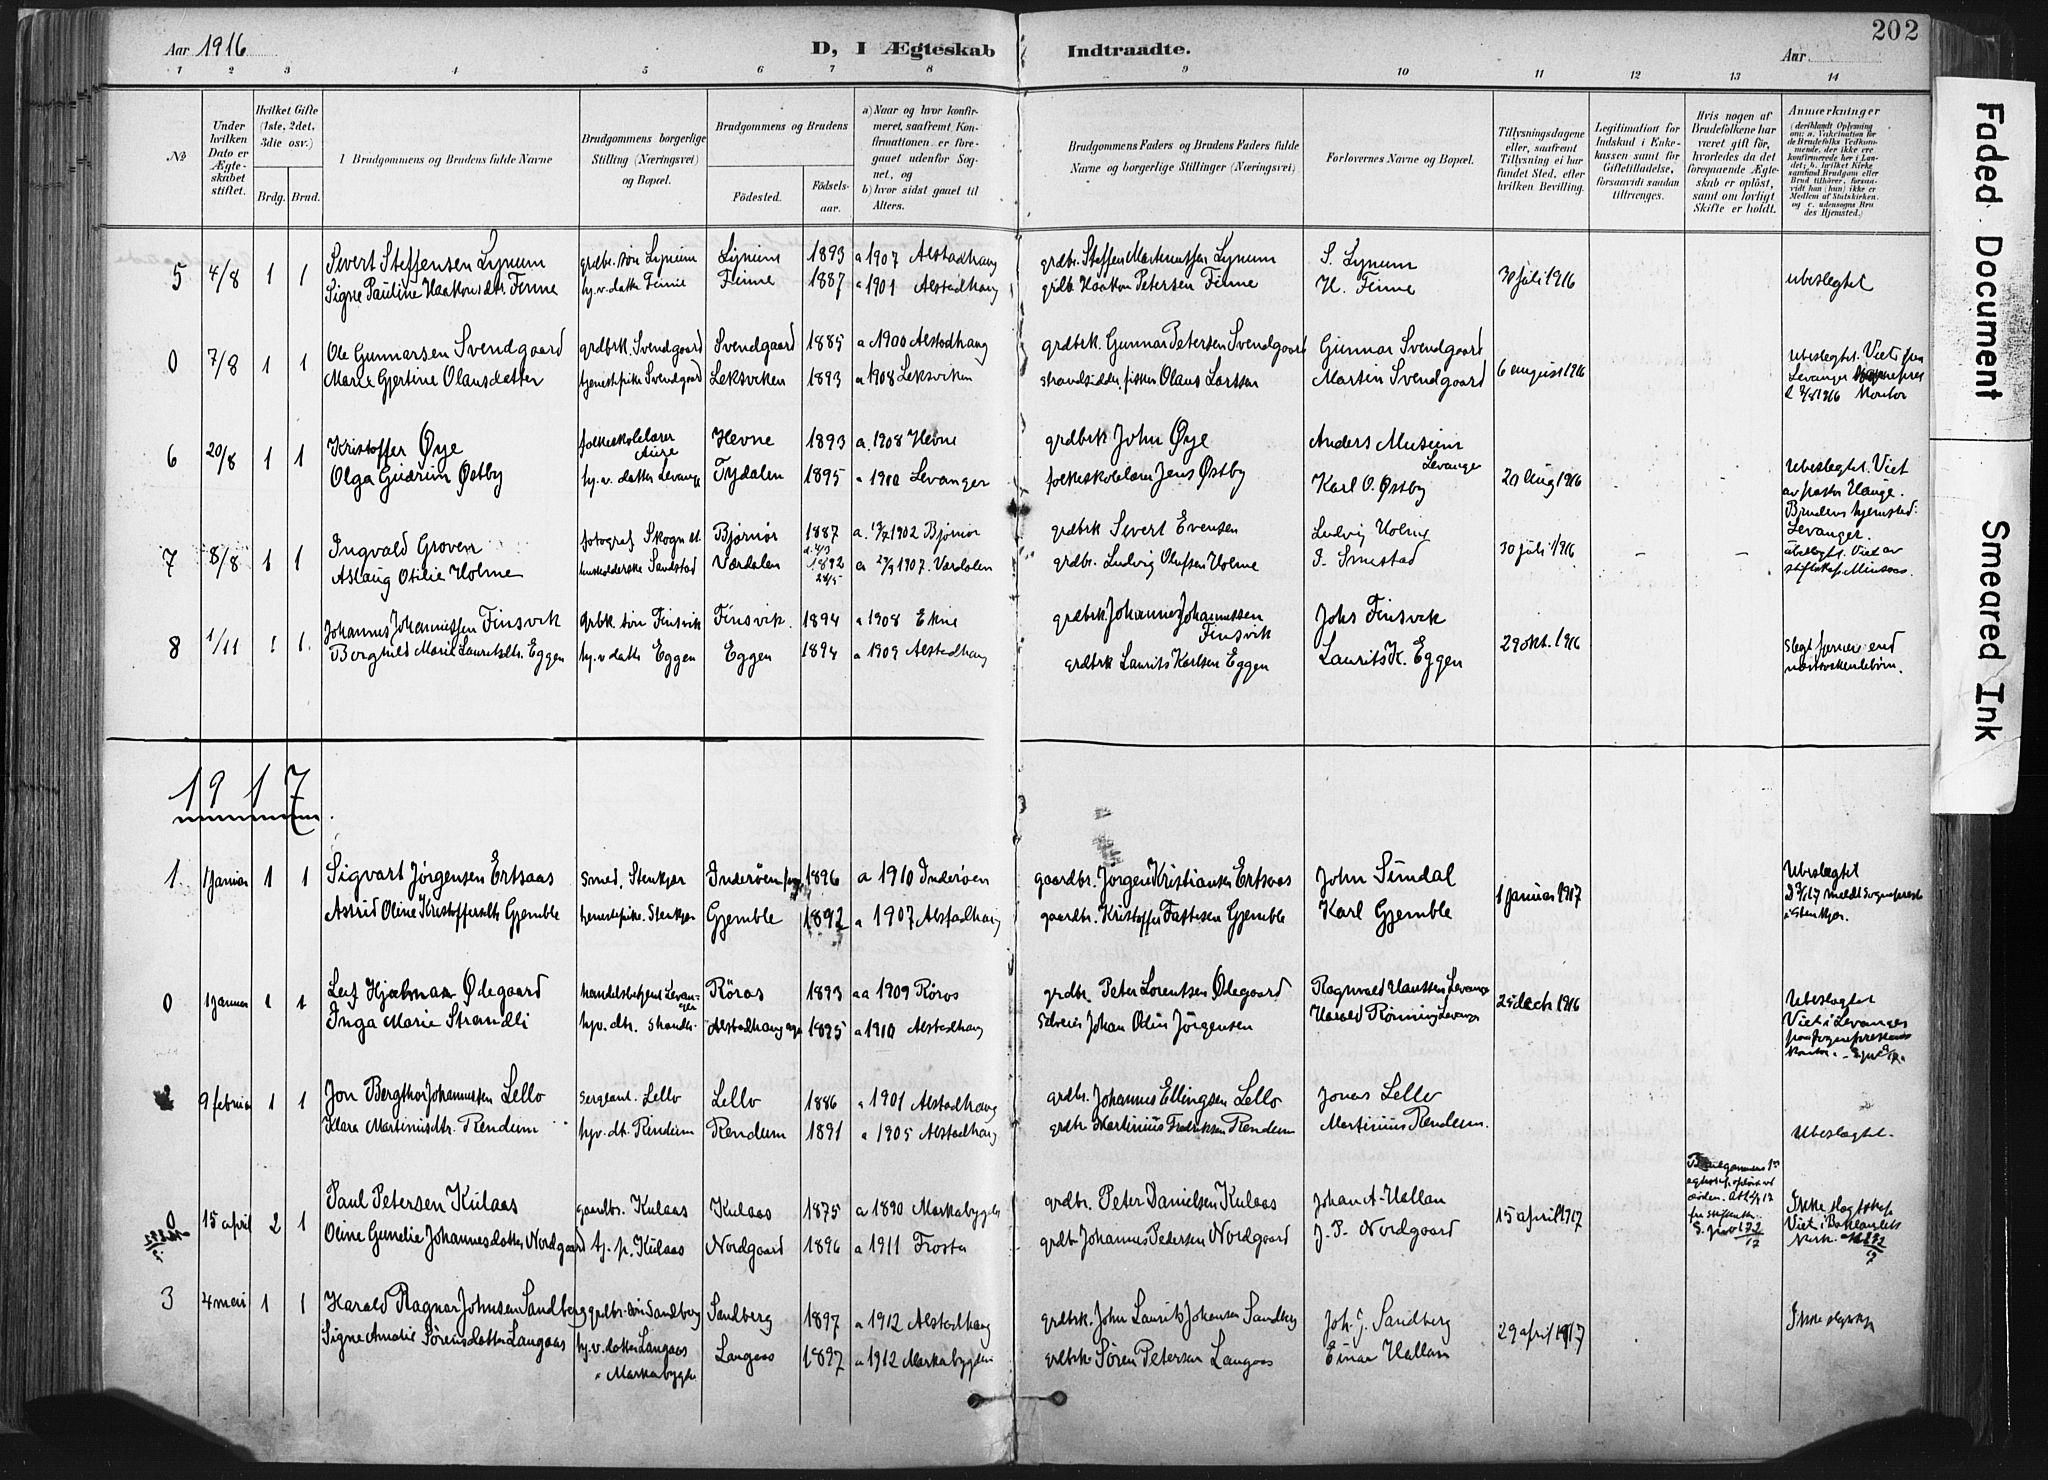 SAT, Ministerialprotokoller, klokkerbøker og fødselsregistre - Nord-Trøndelag, 717/L0162: Ministerialbok nr. 717A12, 1898-1923, s. 202